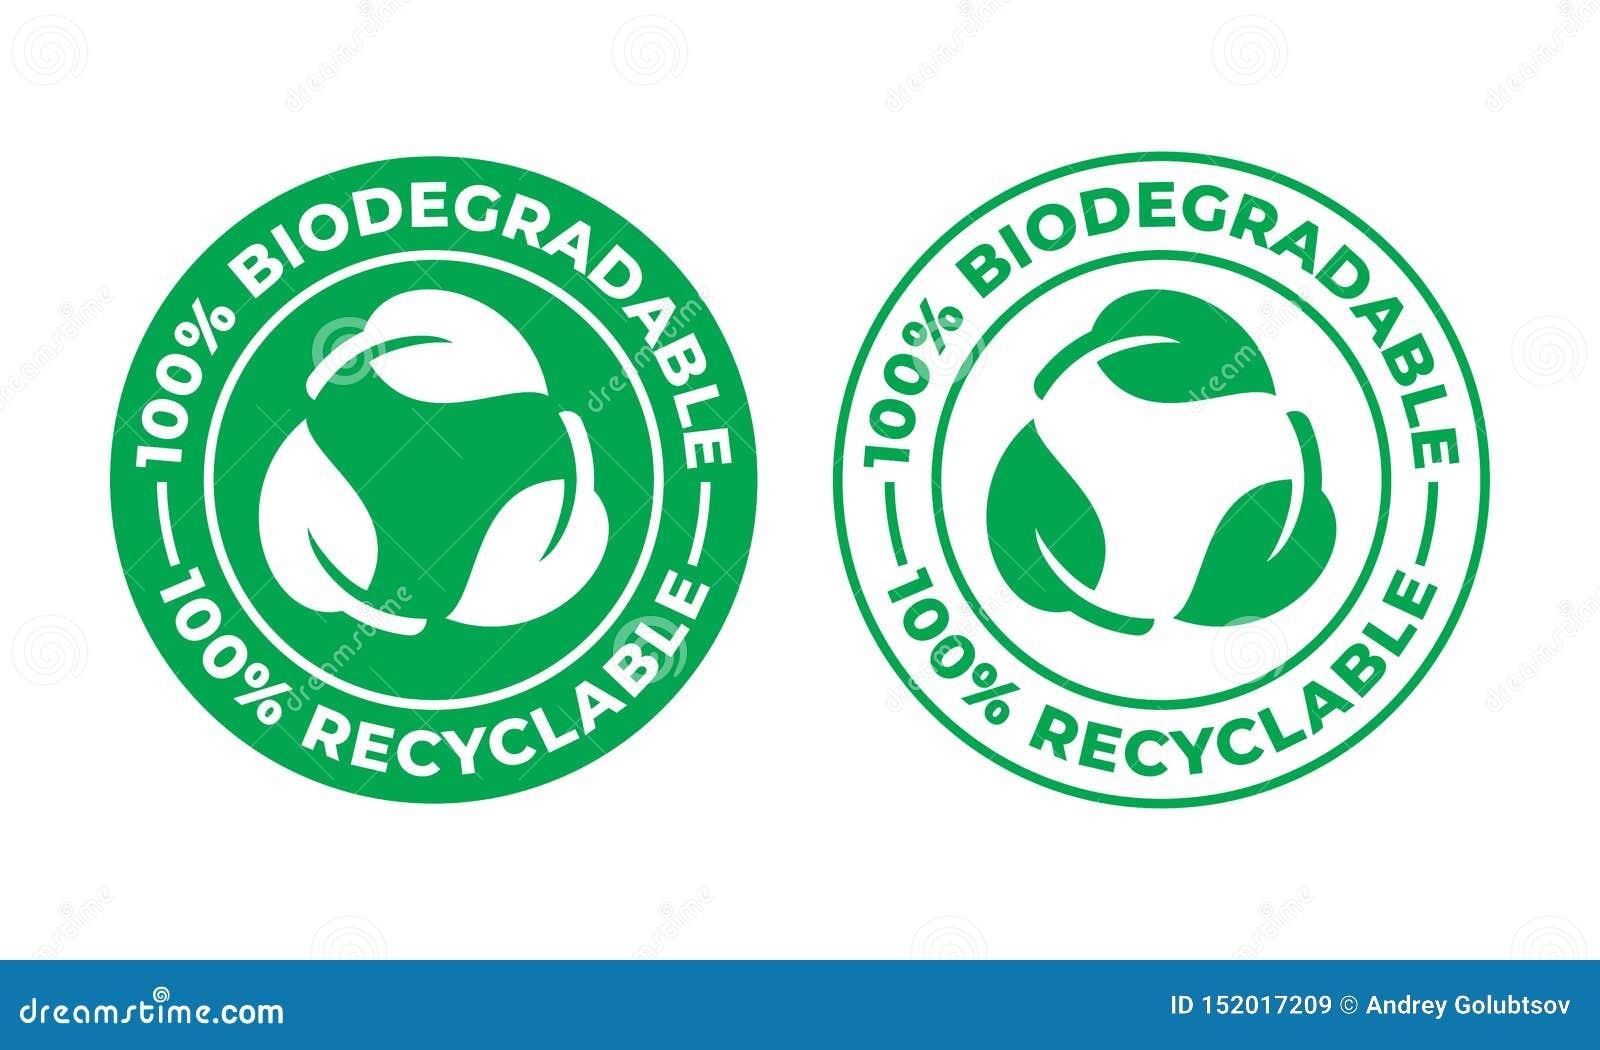 Icona riciclabile biodegradabile di vettore logo riciclabile di 100 per cento bio- e degradabile del pacchetto